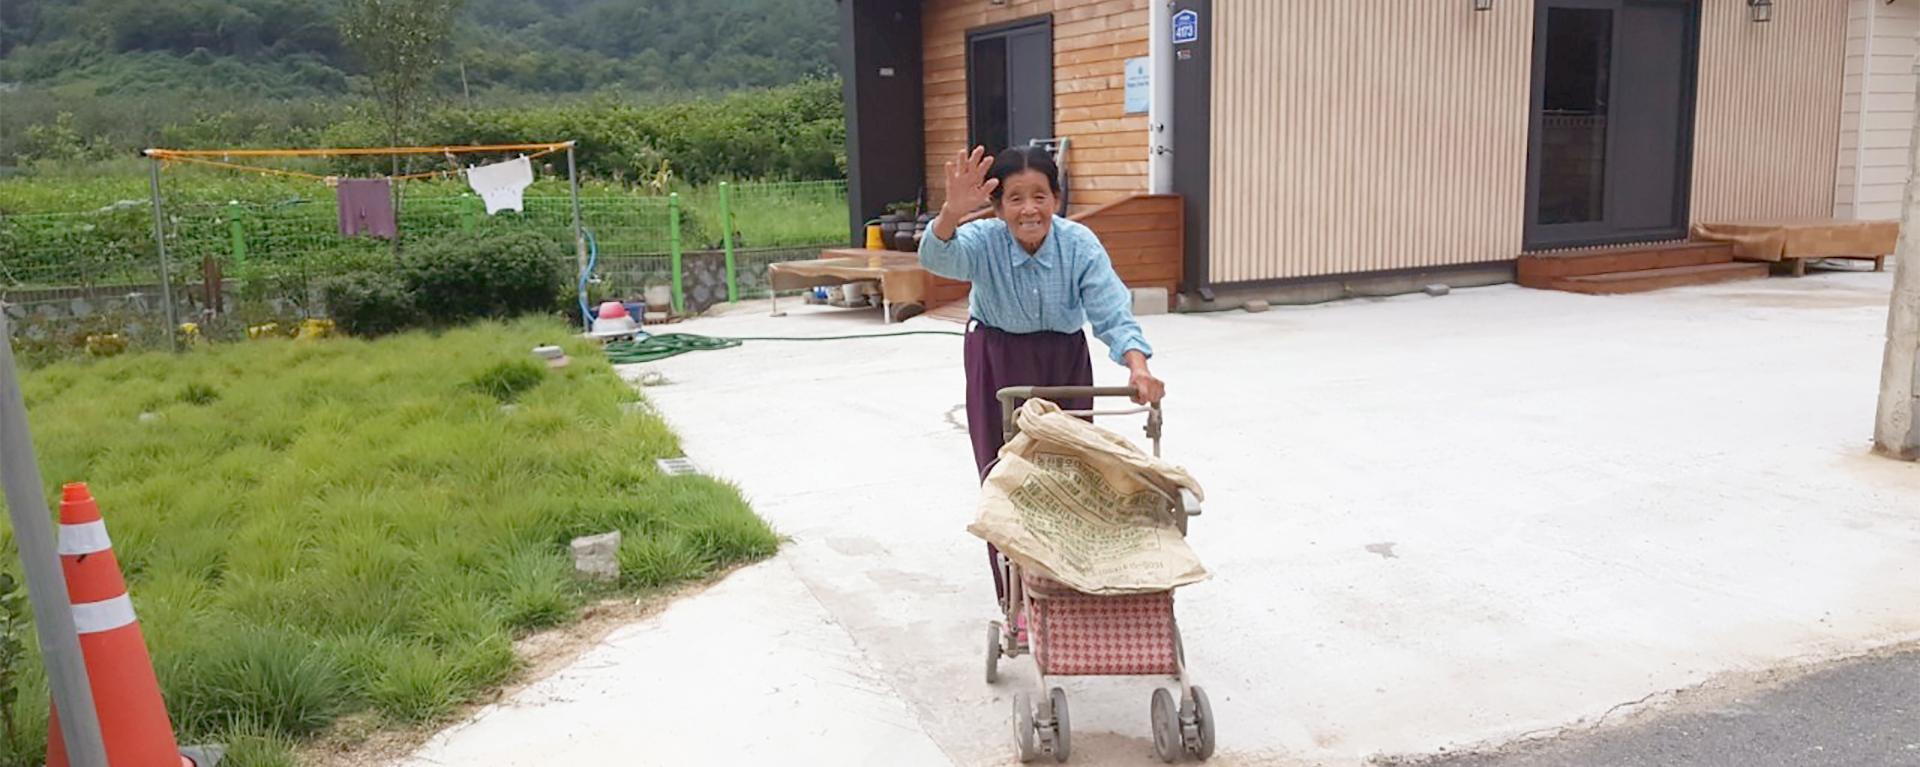 [포토스토리] 사진으로 만나는 박필근